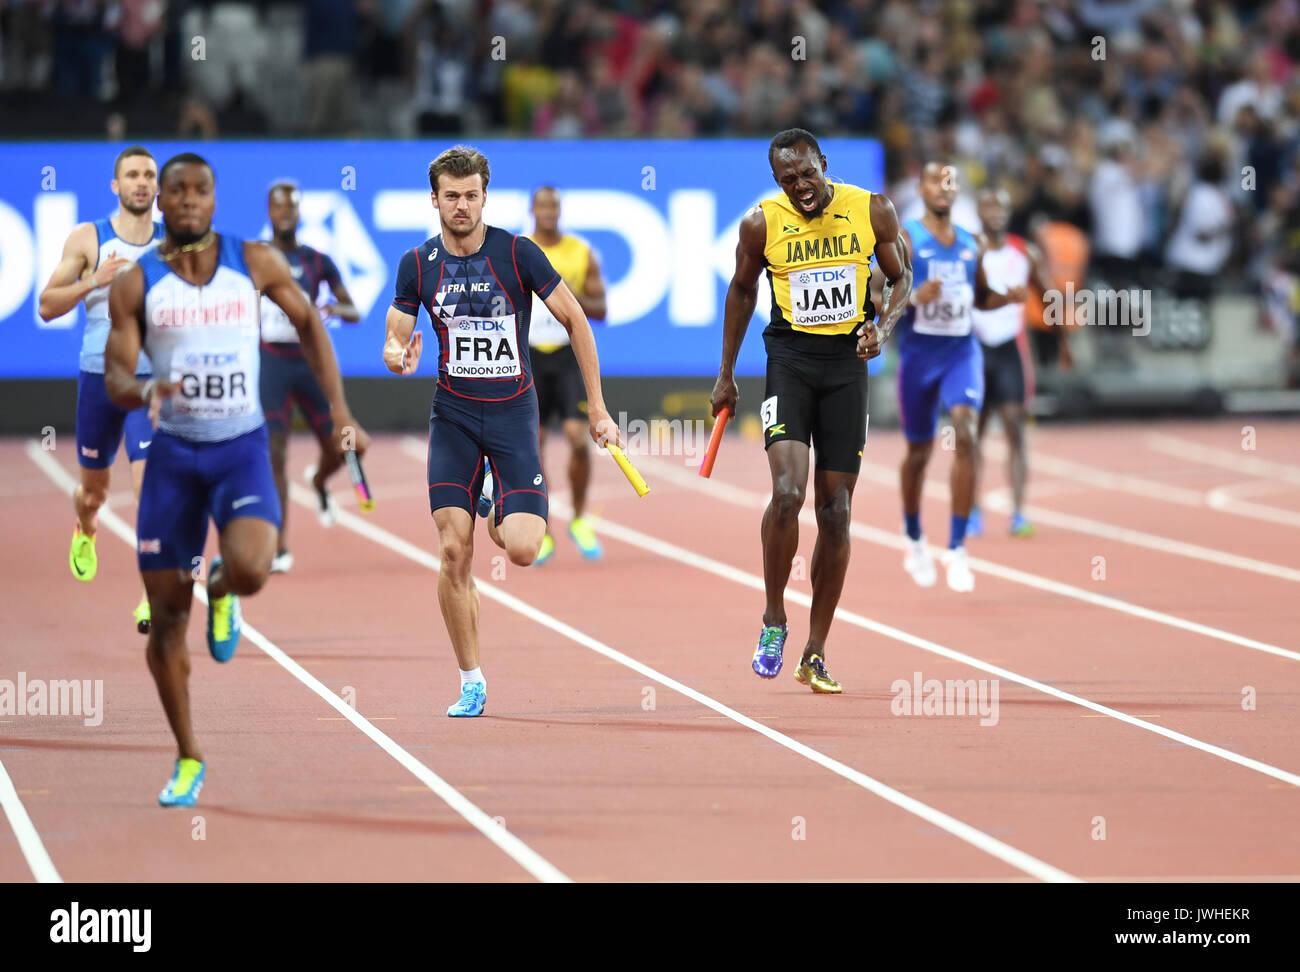 Londres, Reino Unido. 12 de agosto, 2017. Usain Bolt tirado herido en su última carrera, nunca en los relés 4x100 en los Campeonatos Mundiales de Atletismo de la IAAF de Londres 2017 Crédito: Mariano García/Alamy Live News Imagen De Stock